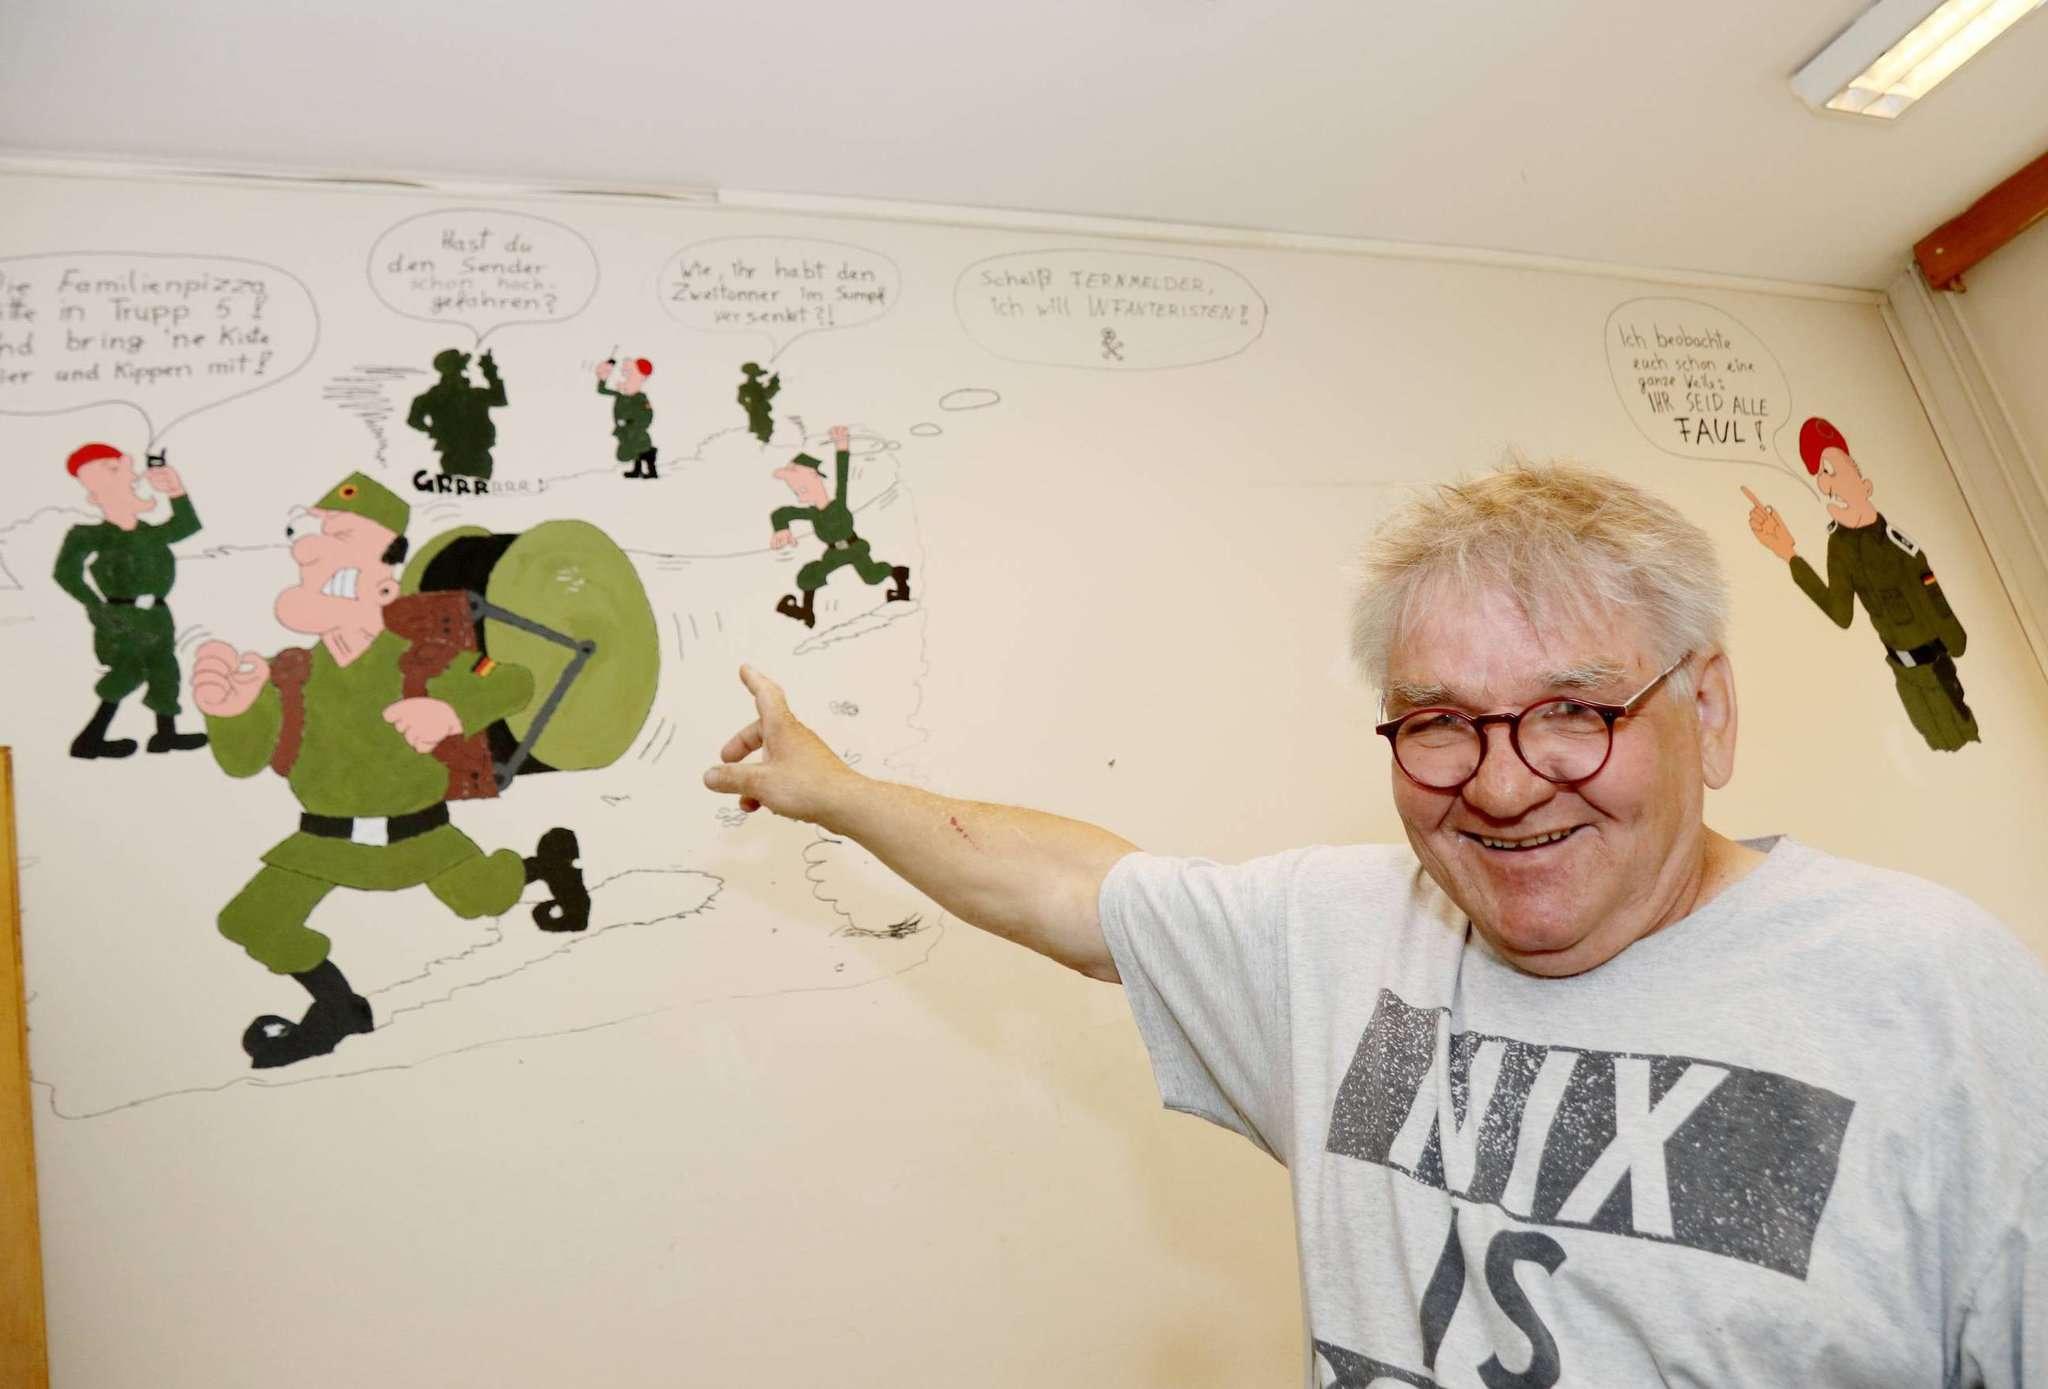 Willi Reichert hofft, durch die Crowdfunding-Aktion jemanden zu ermutigen, der sich mit der Kasernenvergangenheit des Gebäudes auseinandersetzt u2013 und vielleicht ein kleines Museum einrichtet, das auch die Wandmalereien in einen Kontext setzt. Foto: Nina Baucke